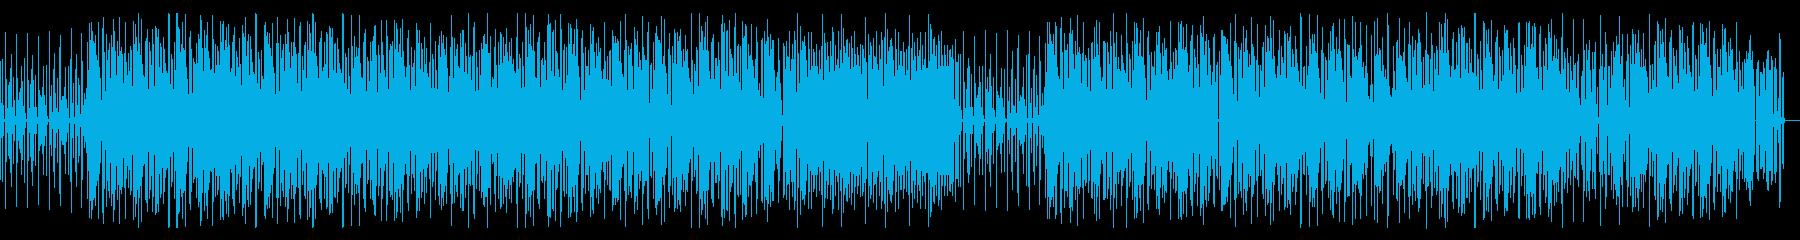 陽気 まったり ファンク・ブルース調の曲の再生済みの波形